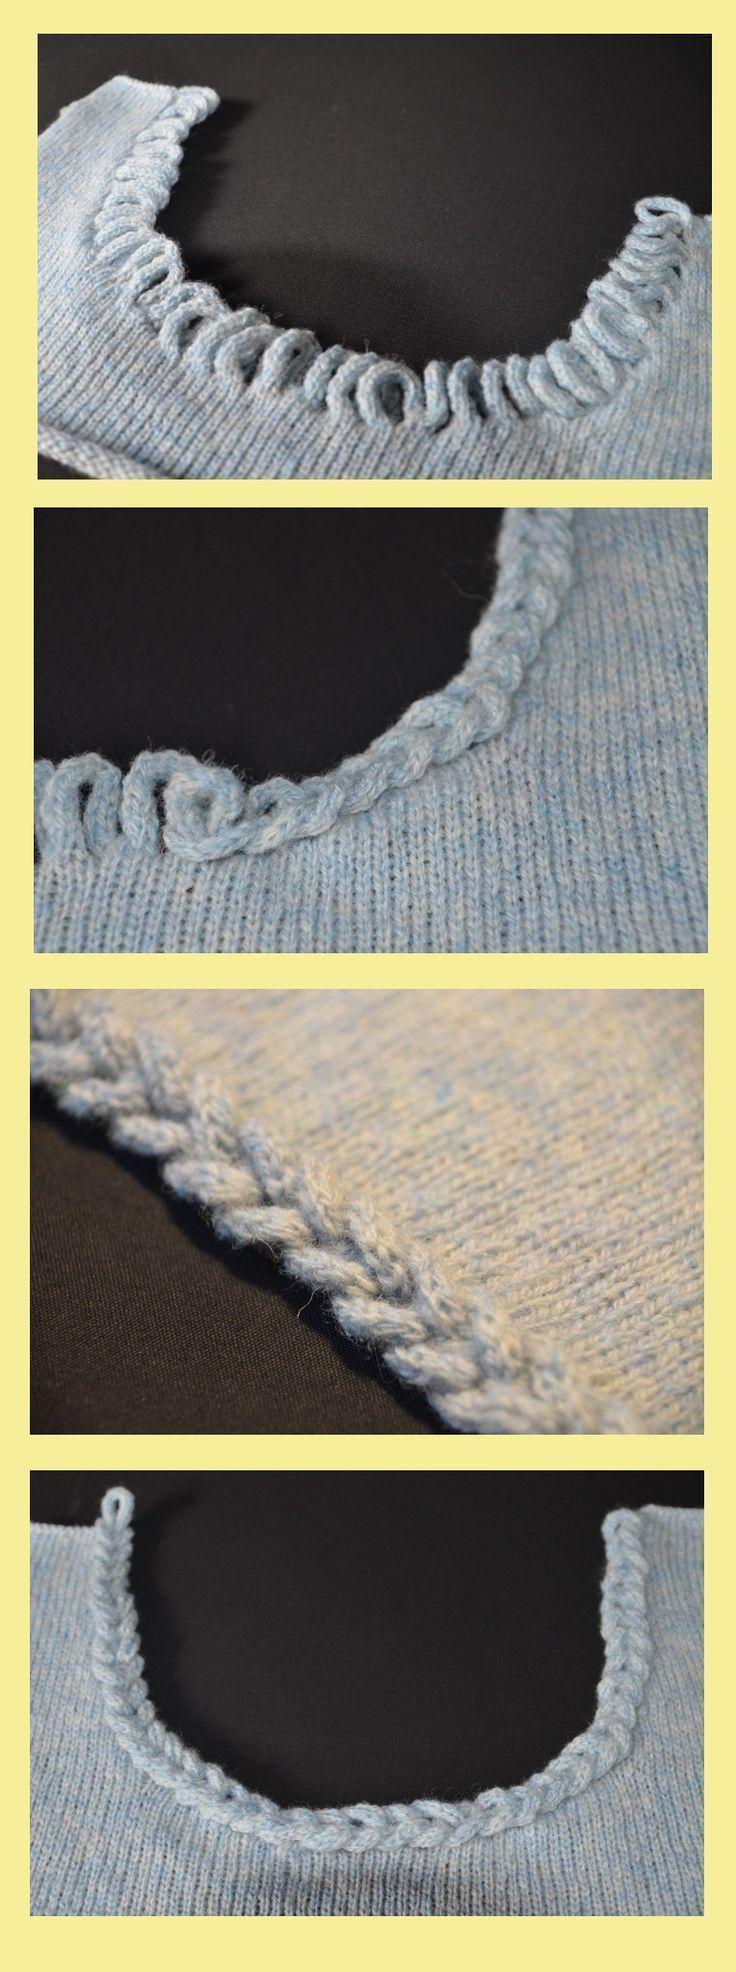 Encolure tressée. Ramasser 2 mailles, tricoter 16-20 rangs, la prochaine … – Tendance Tricot 2019 | ml   – Crochet